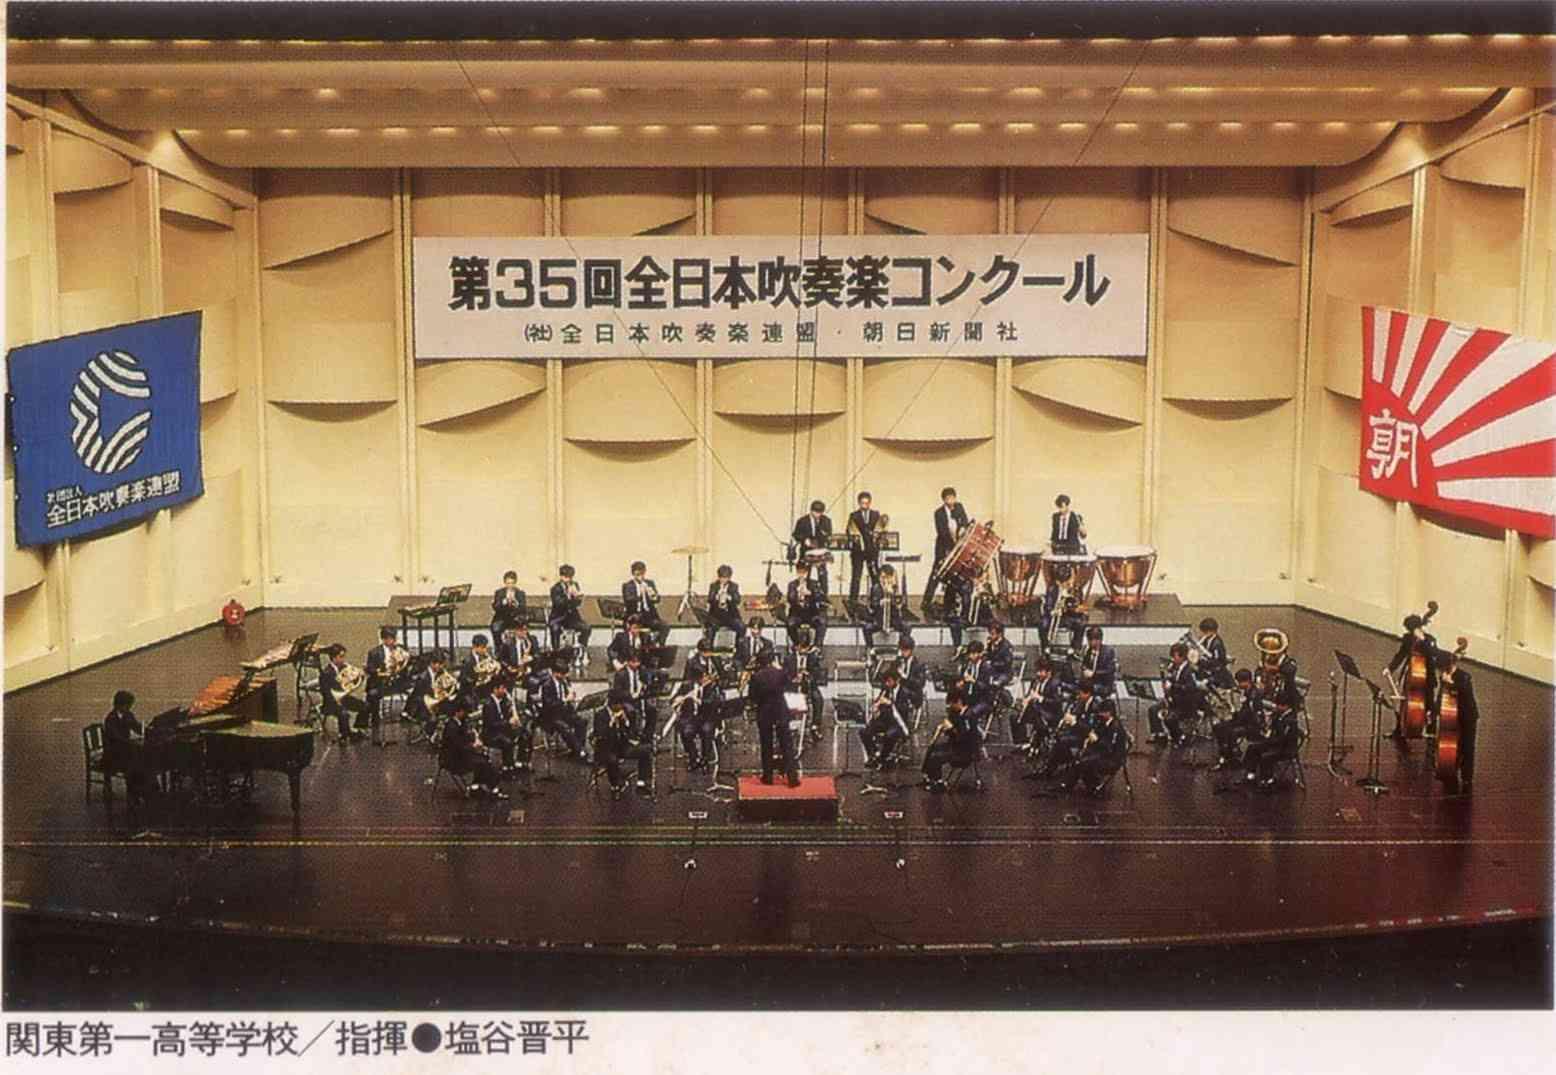 【吹奏楽編曲】バレエ音楽「ロメオとジュリエット」より(87年:関東第一高校) - YouTube